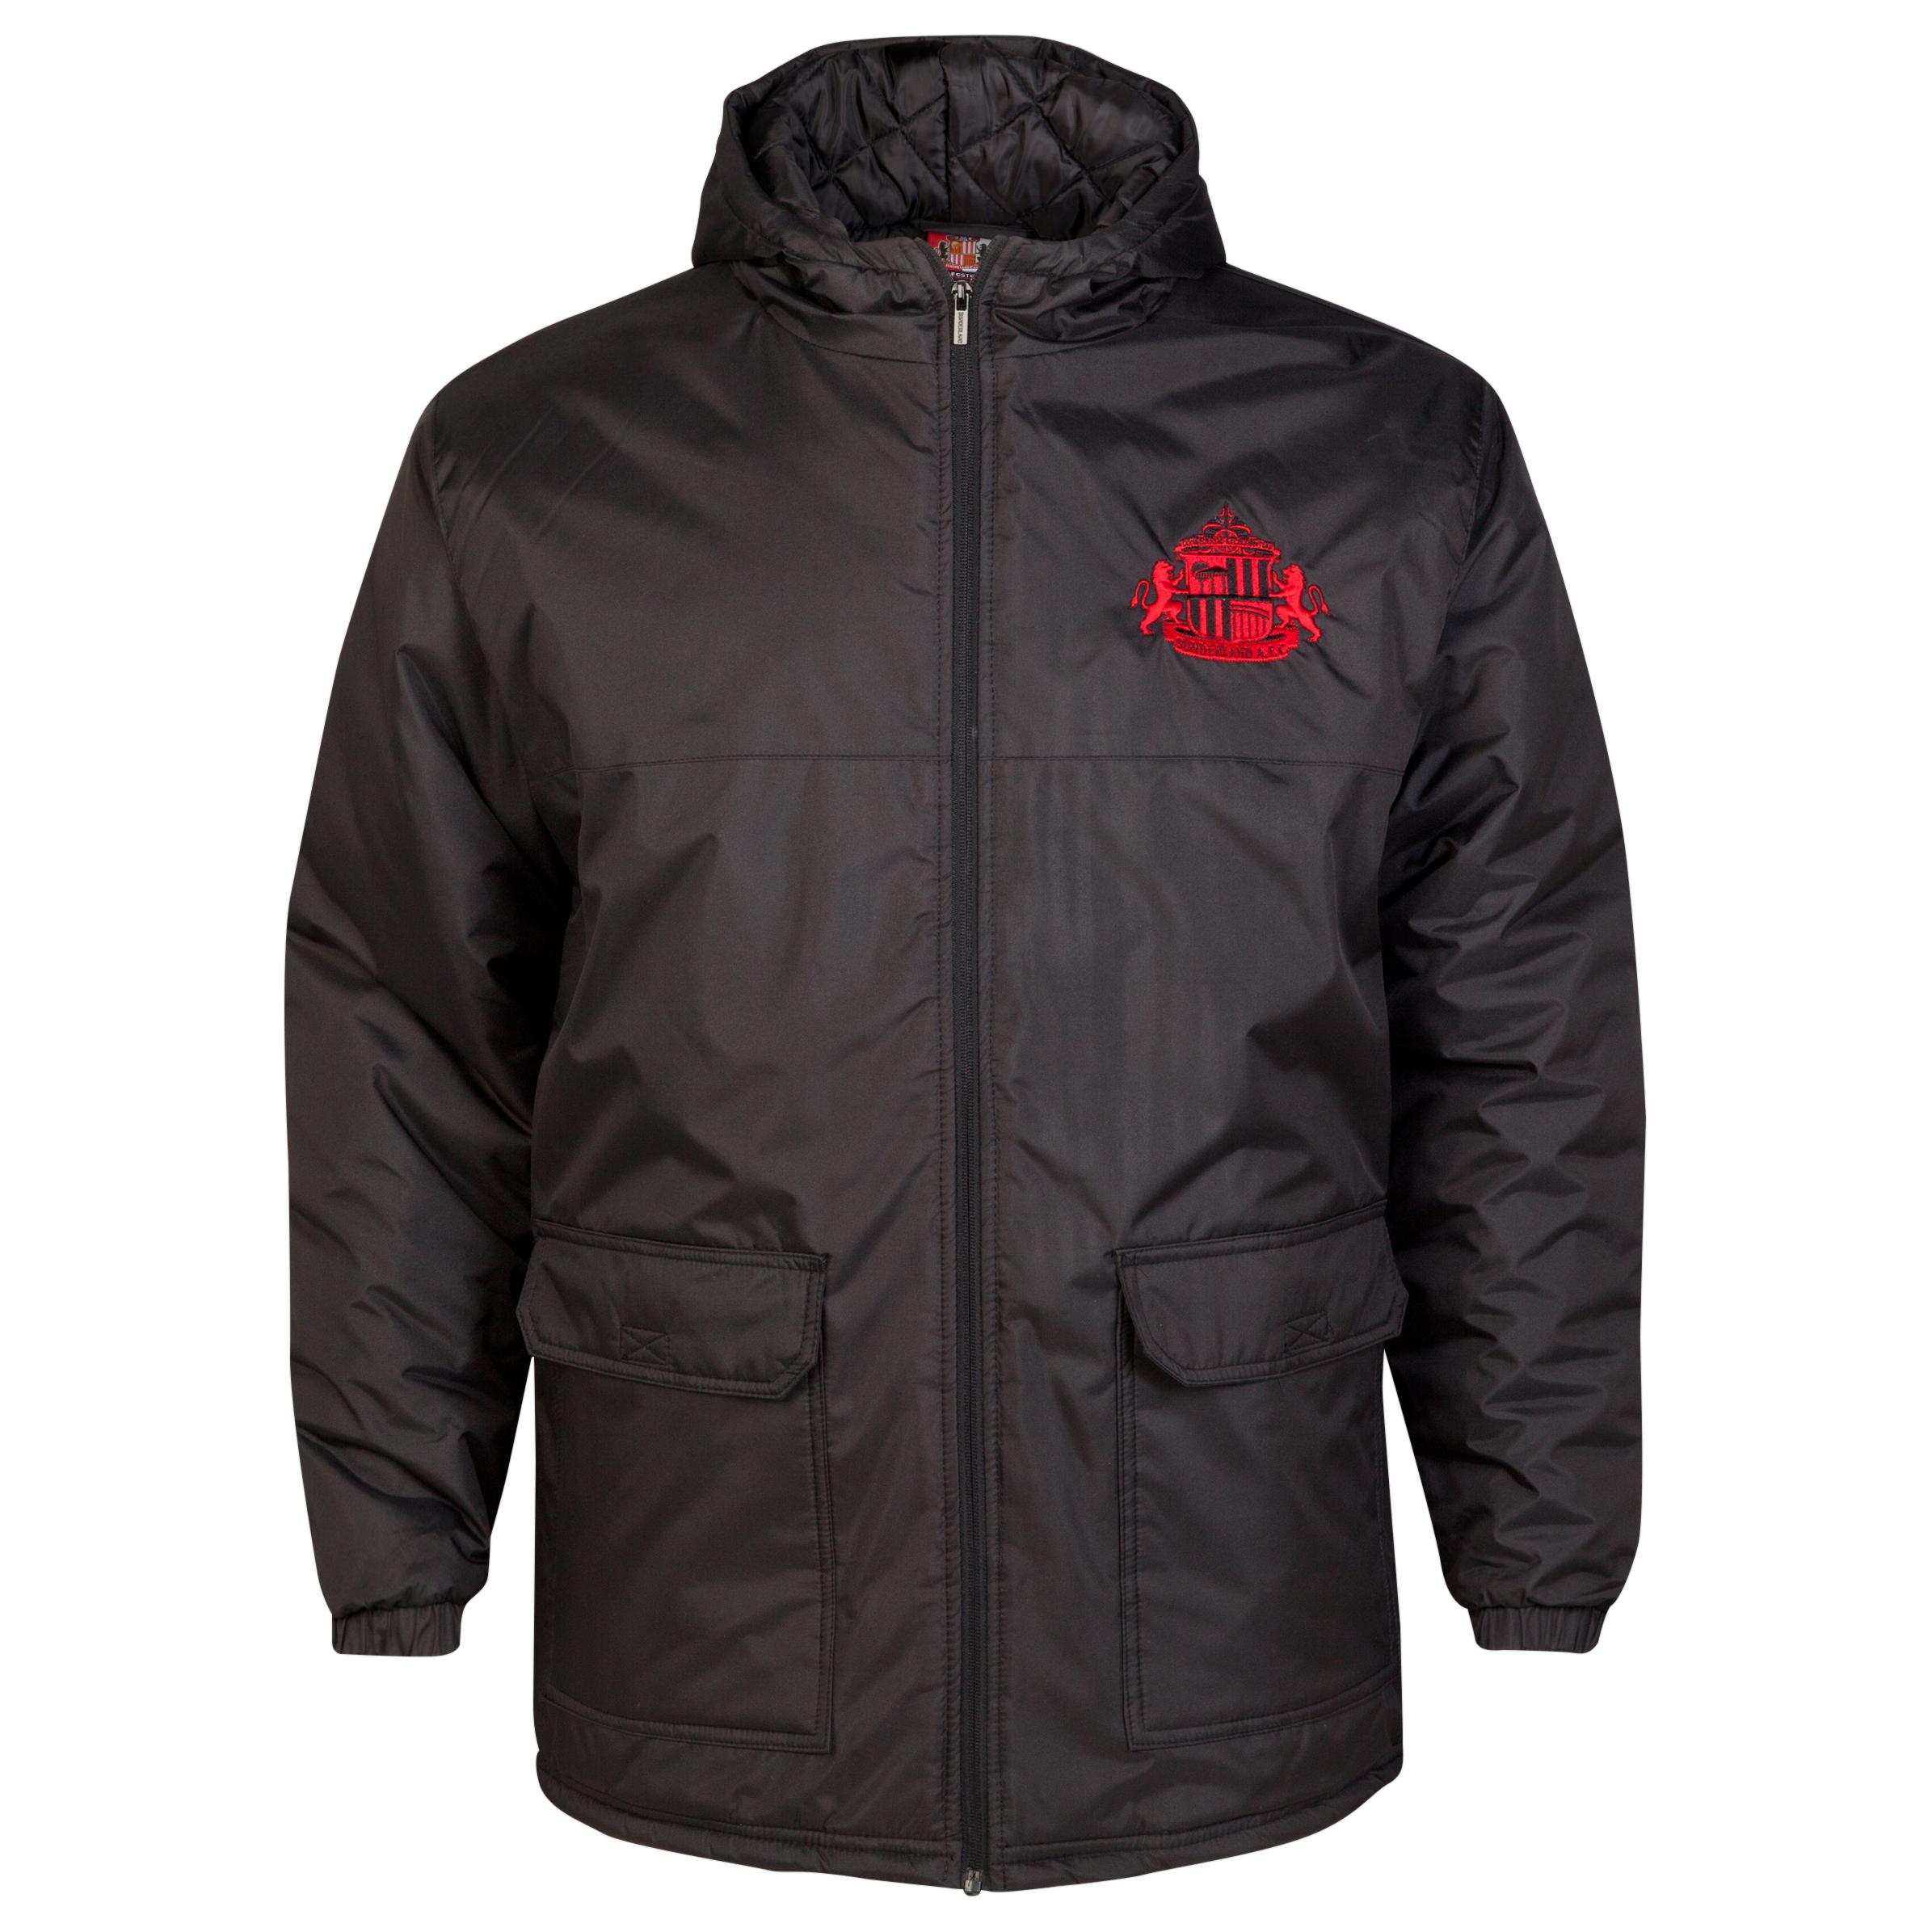 Sunderland Essential Padded Jacket - Black - Older Boys